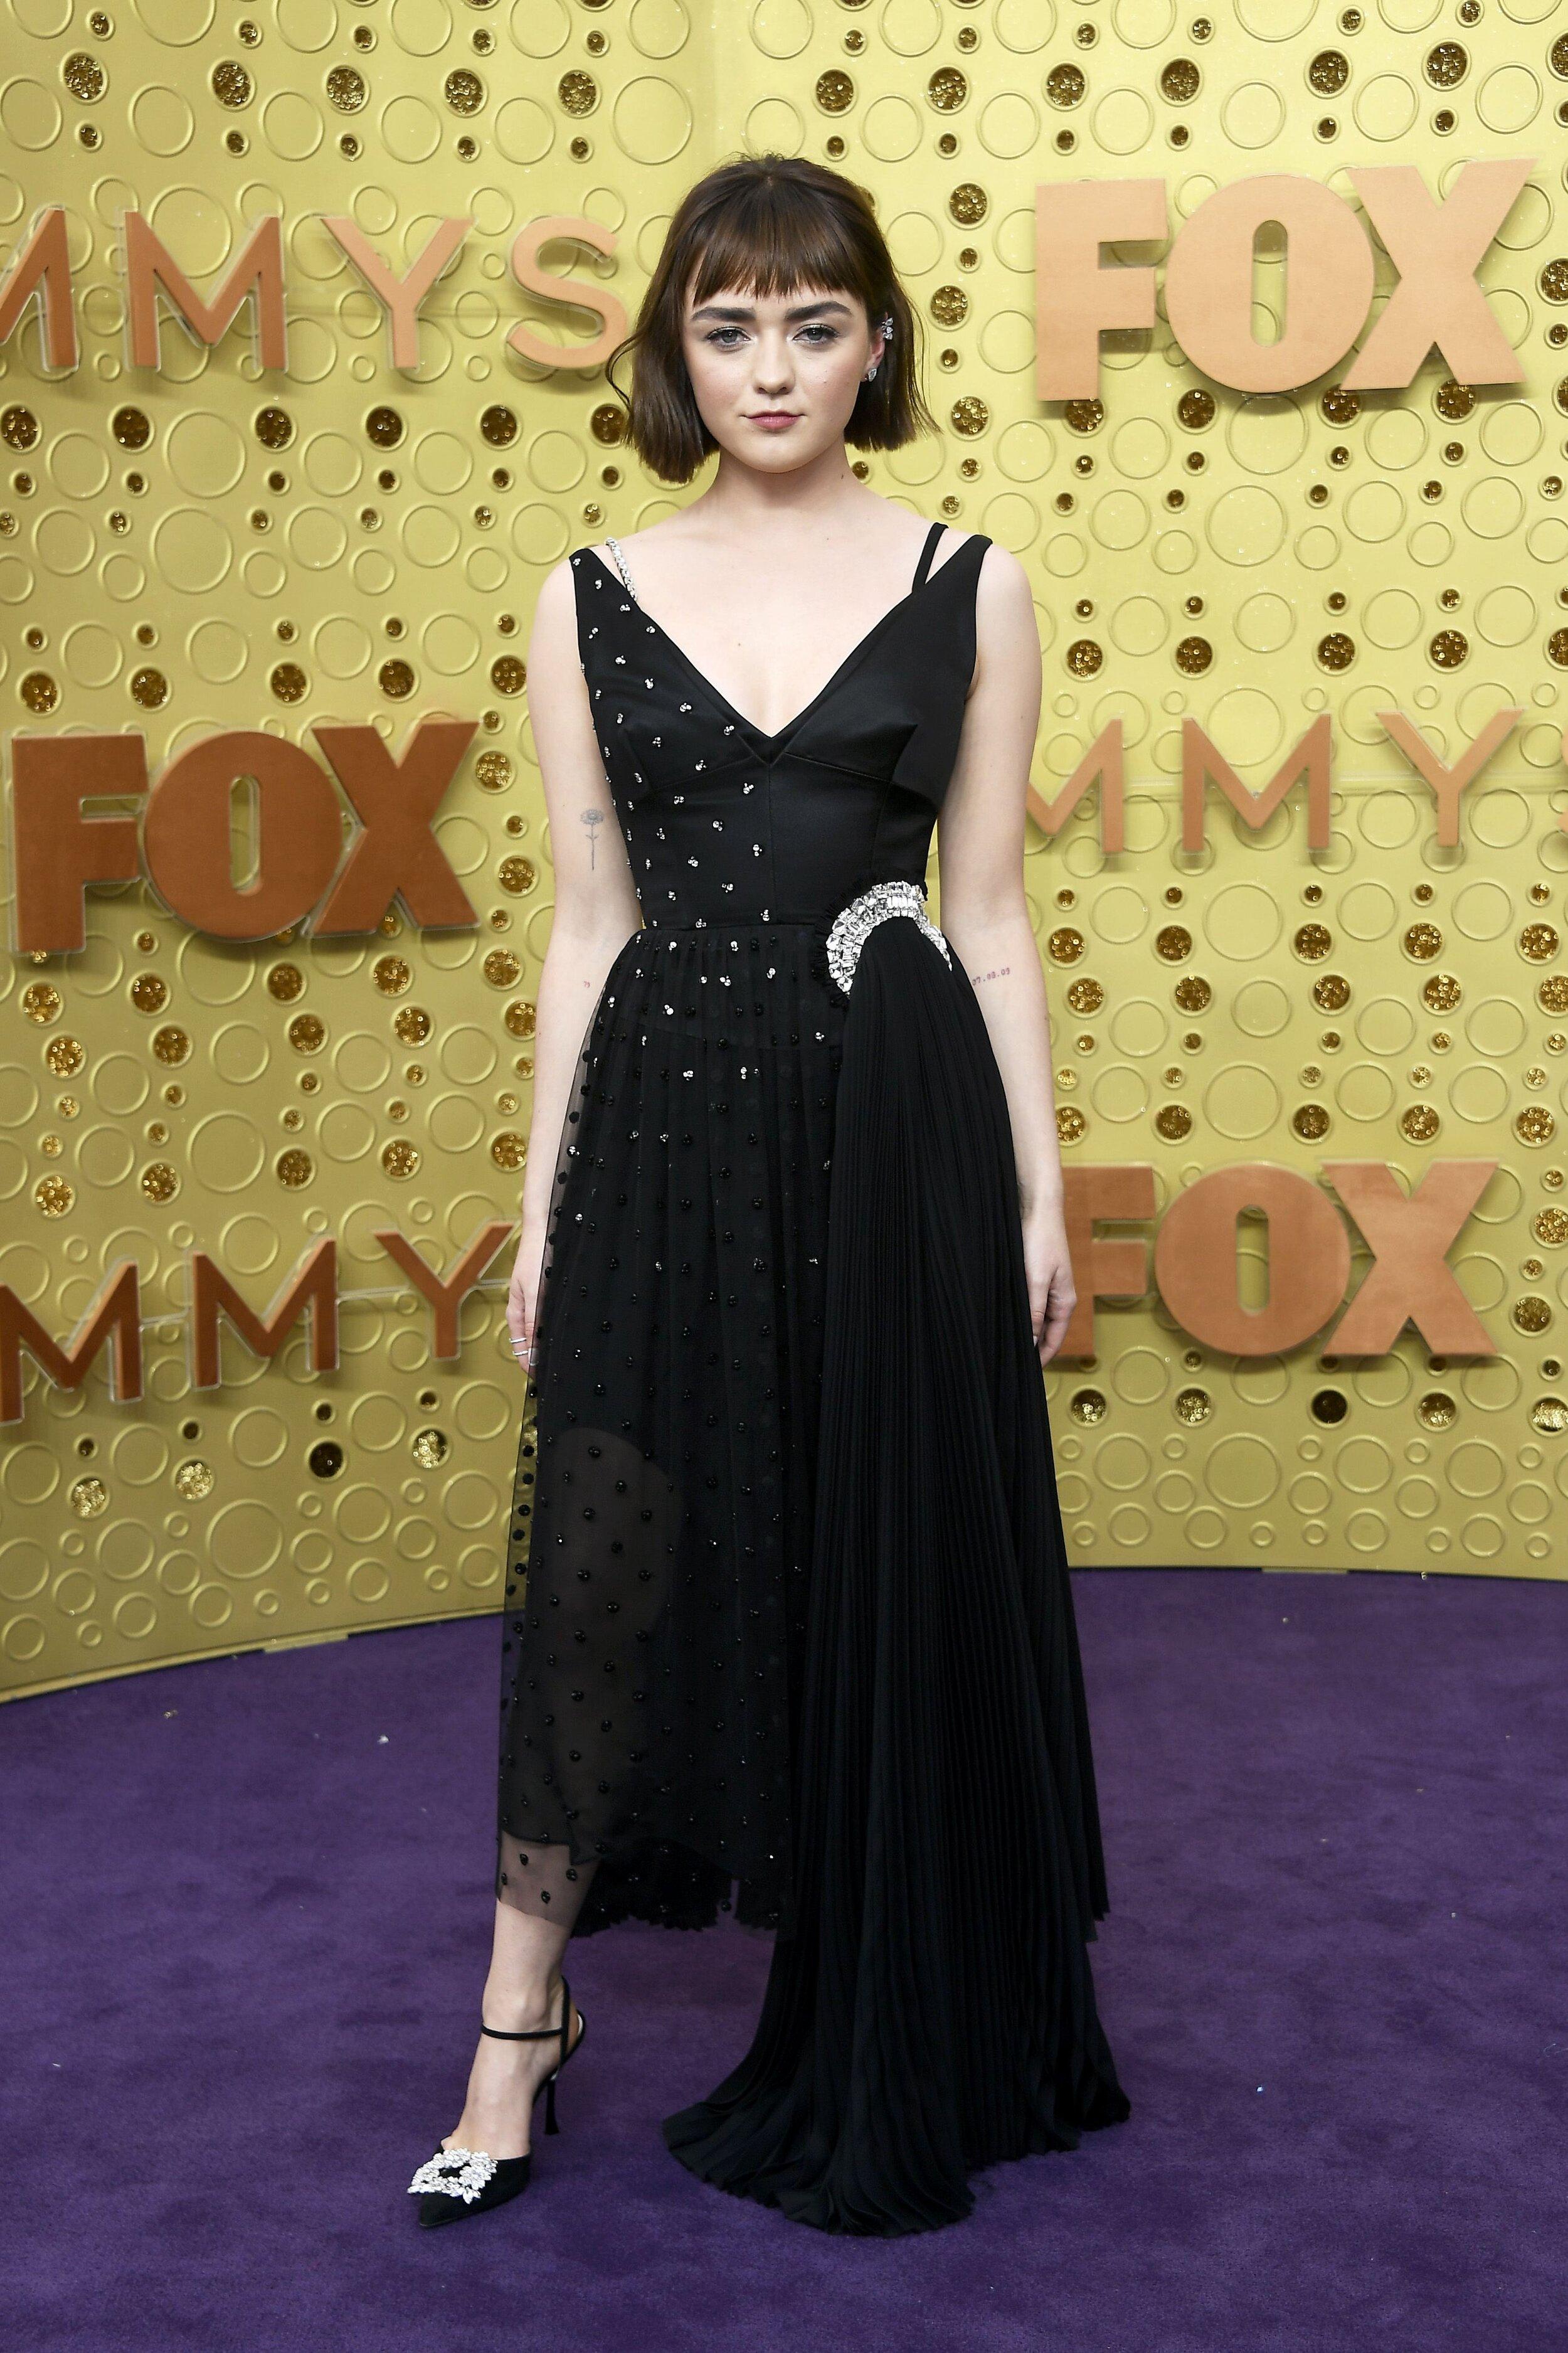 Maisie Williams. Photo Source: Harper's Bazaar